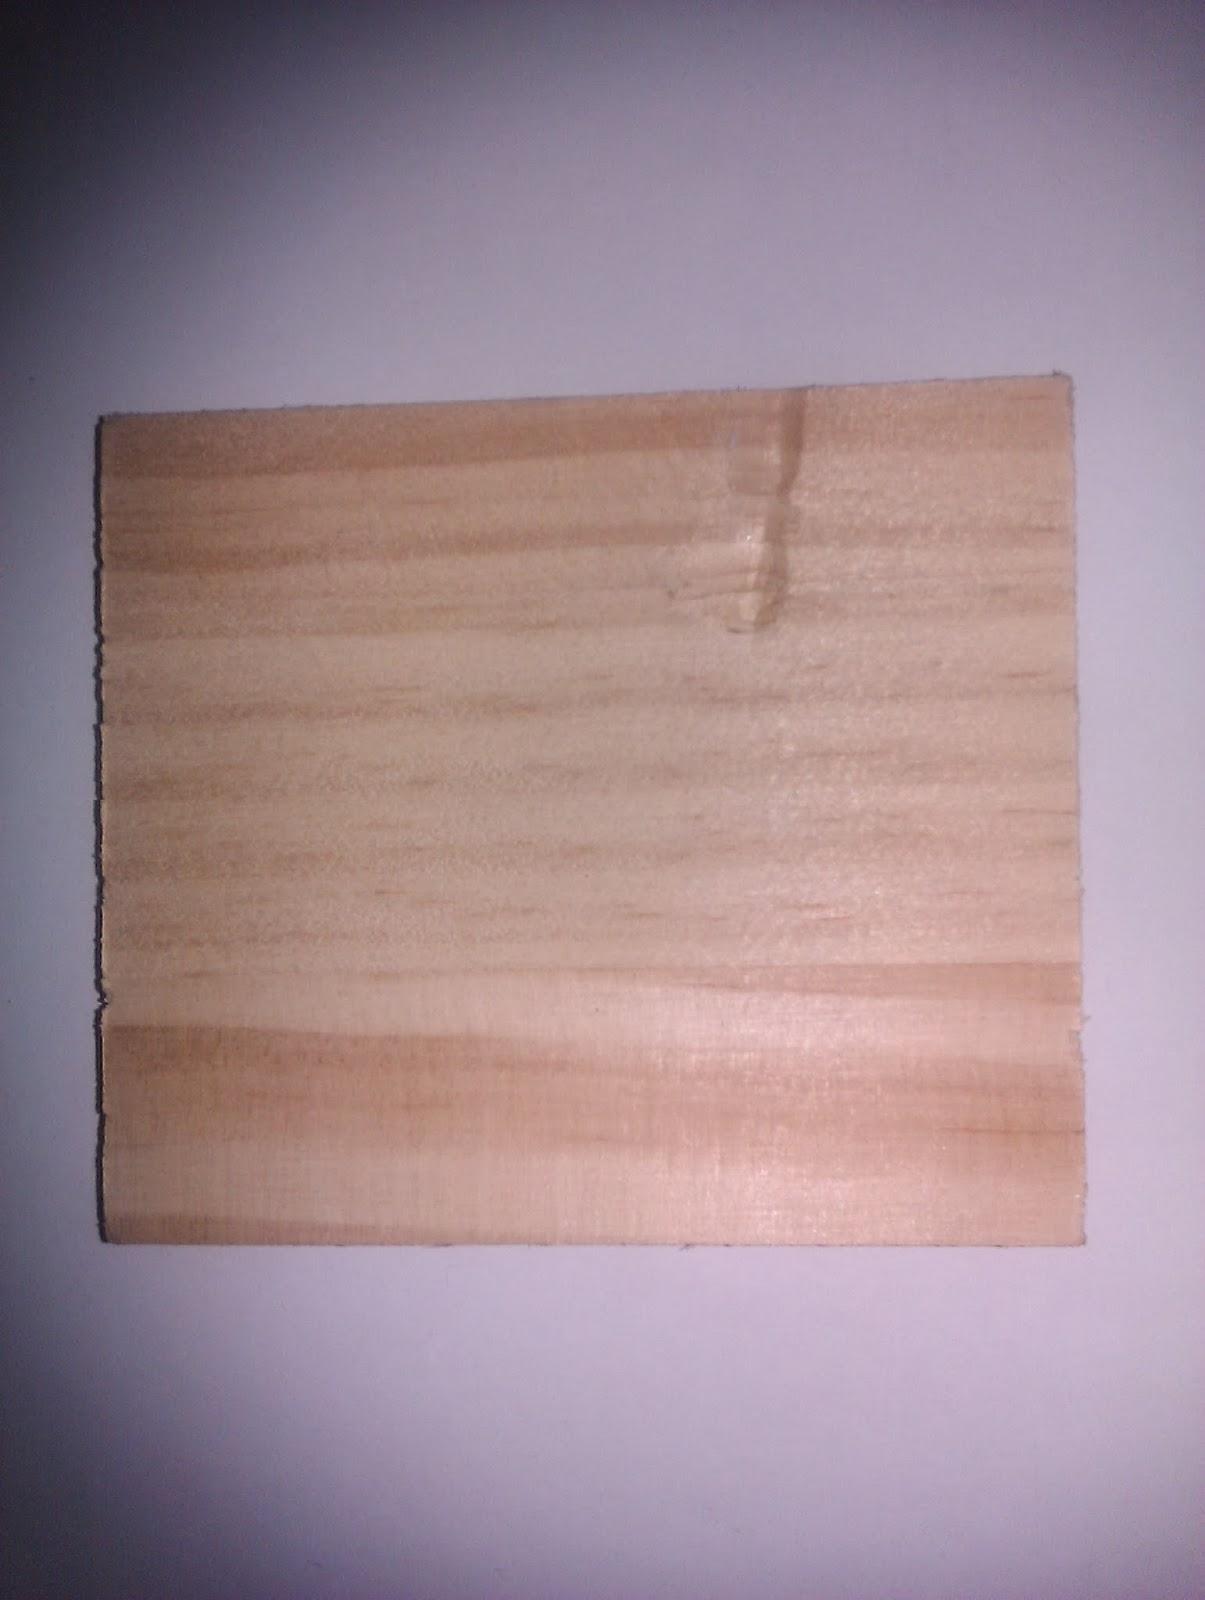 Muestra de madera natural de pino.